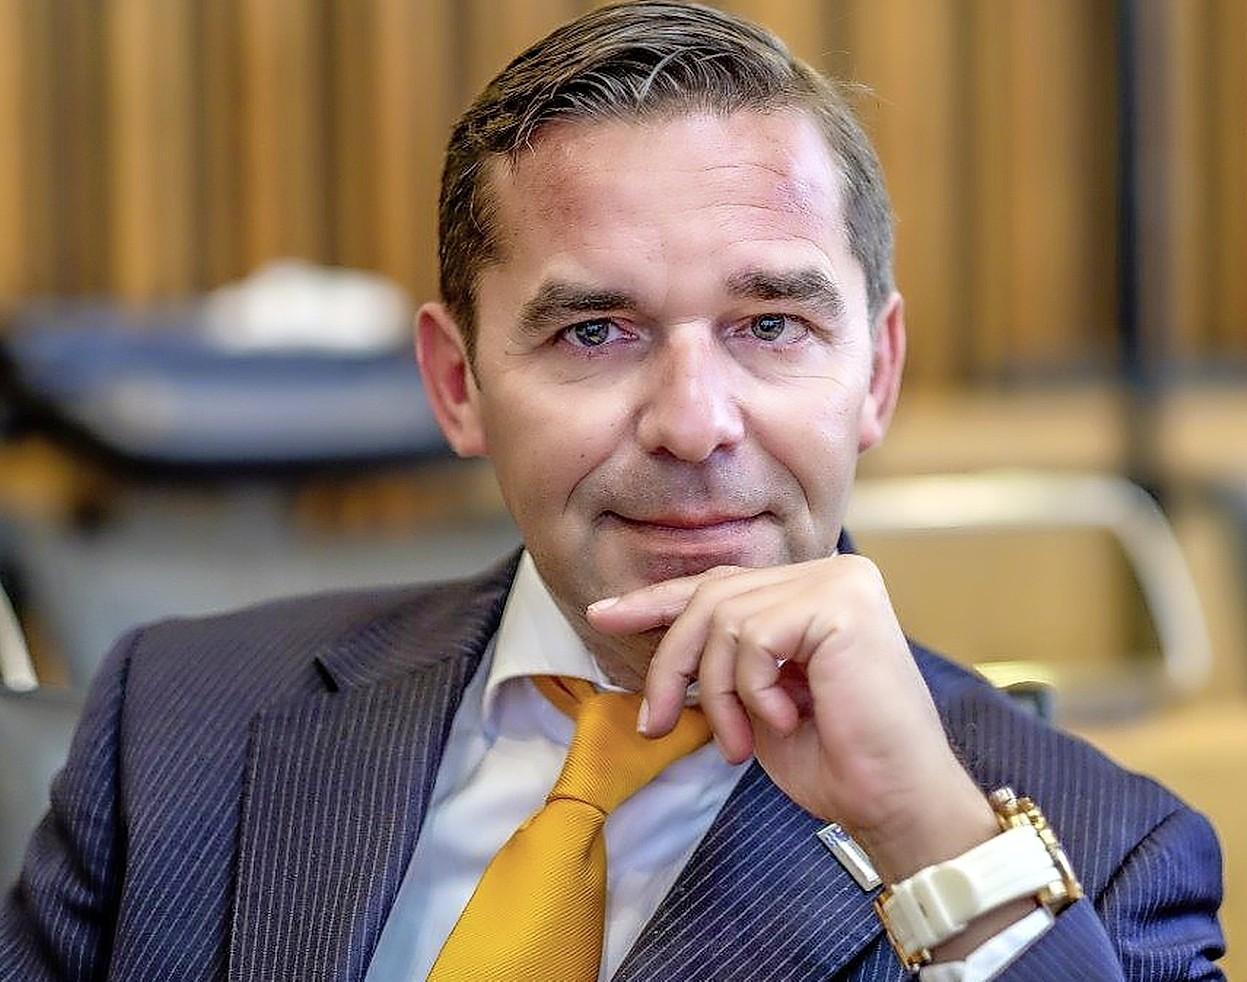 Forza is marginale rol van Haarlemmermeerse gemeenteraad zat. Paul Meijer: democratisch proces wordt uitgehold